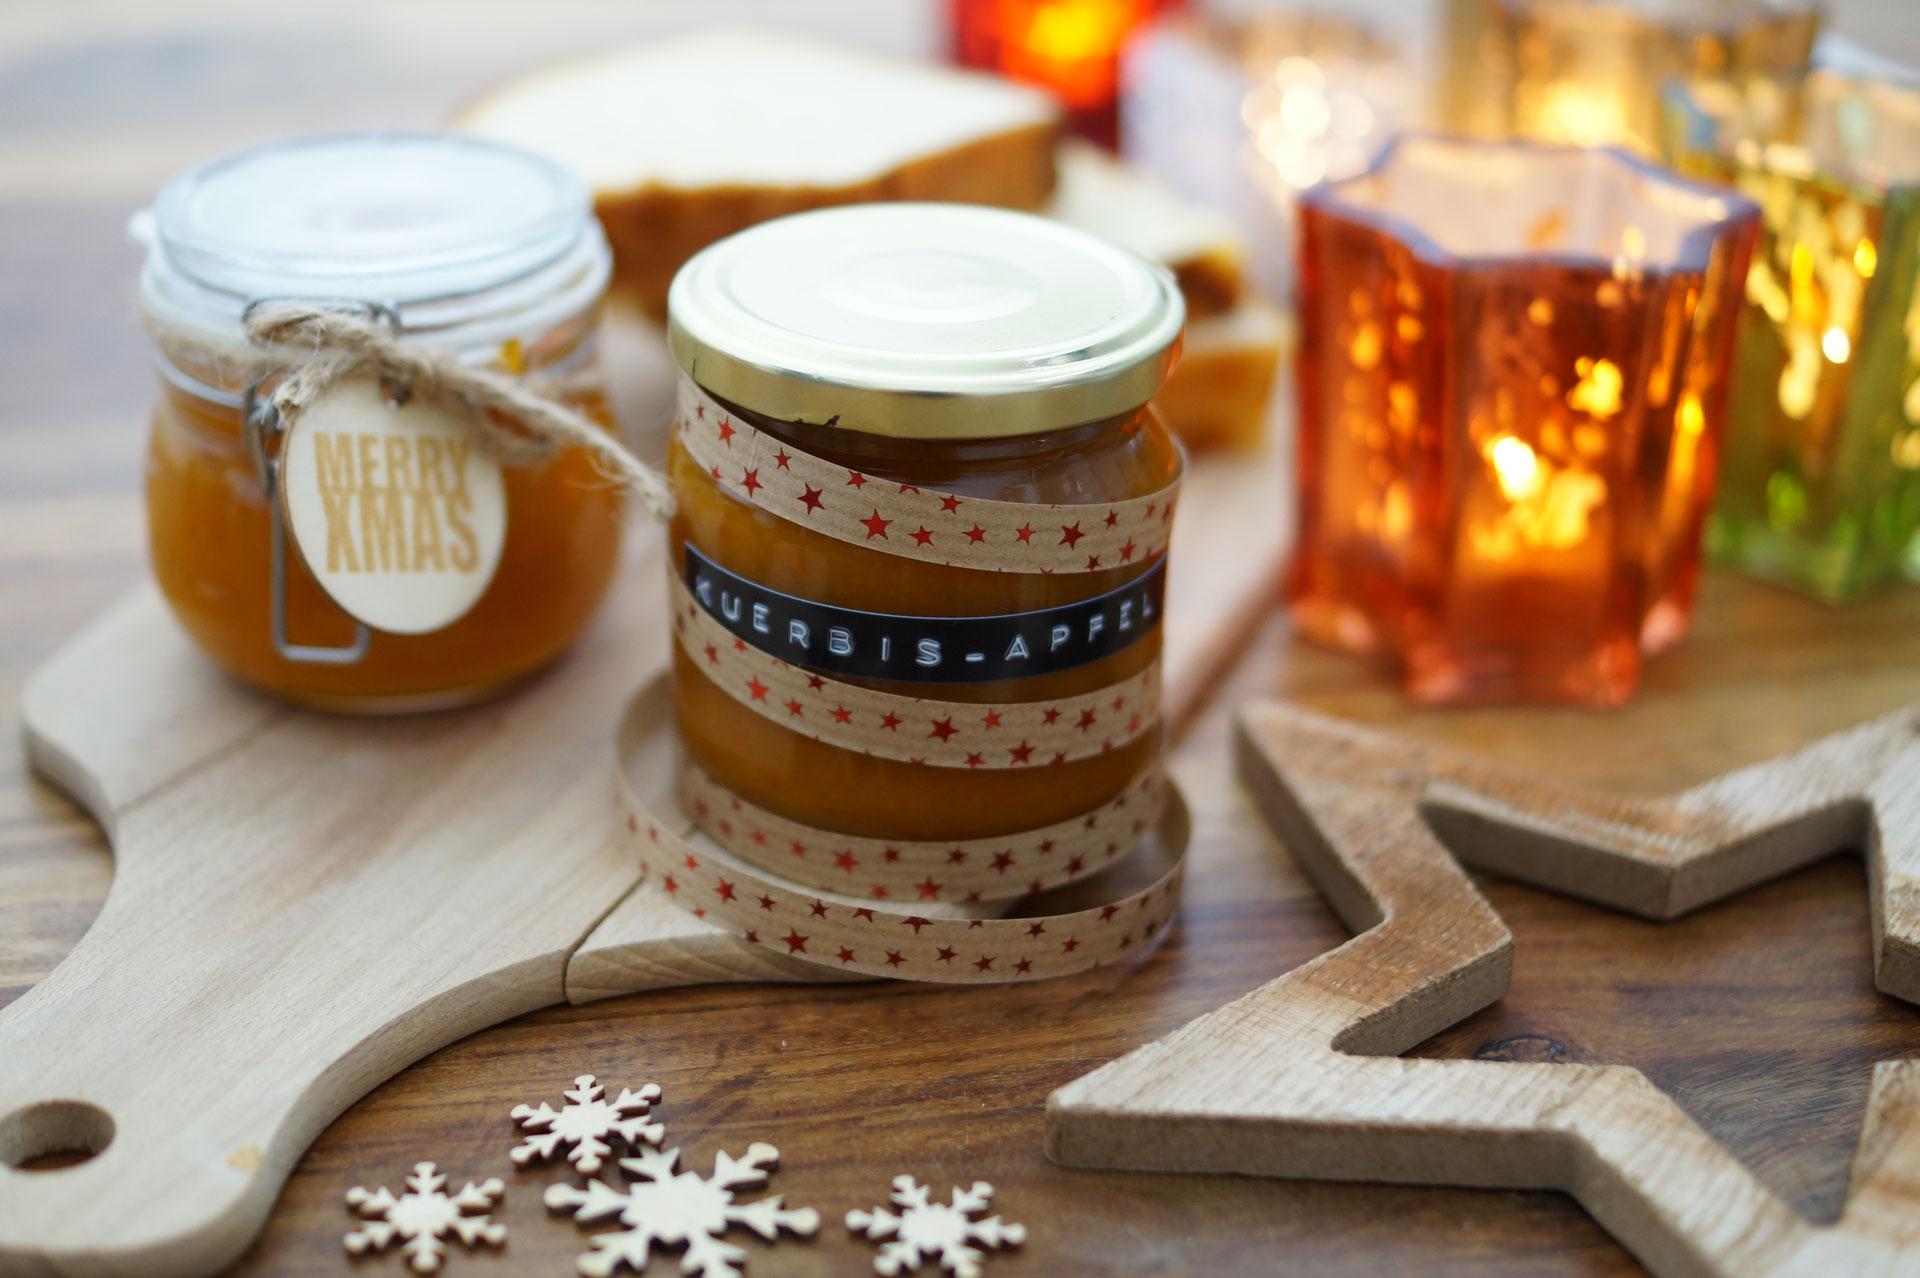 weihnachtliche k rbis apfel marmelade fraustillerbackt leckere sachen die gl cklich machen. Black Bedroom Furniture Sets. Home Design Ideas